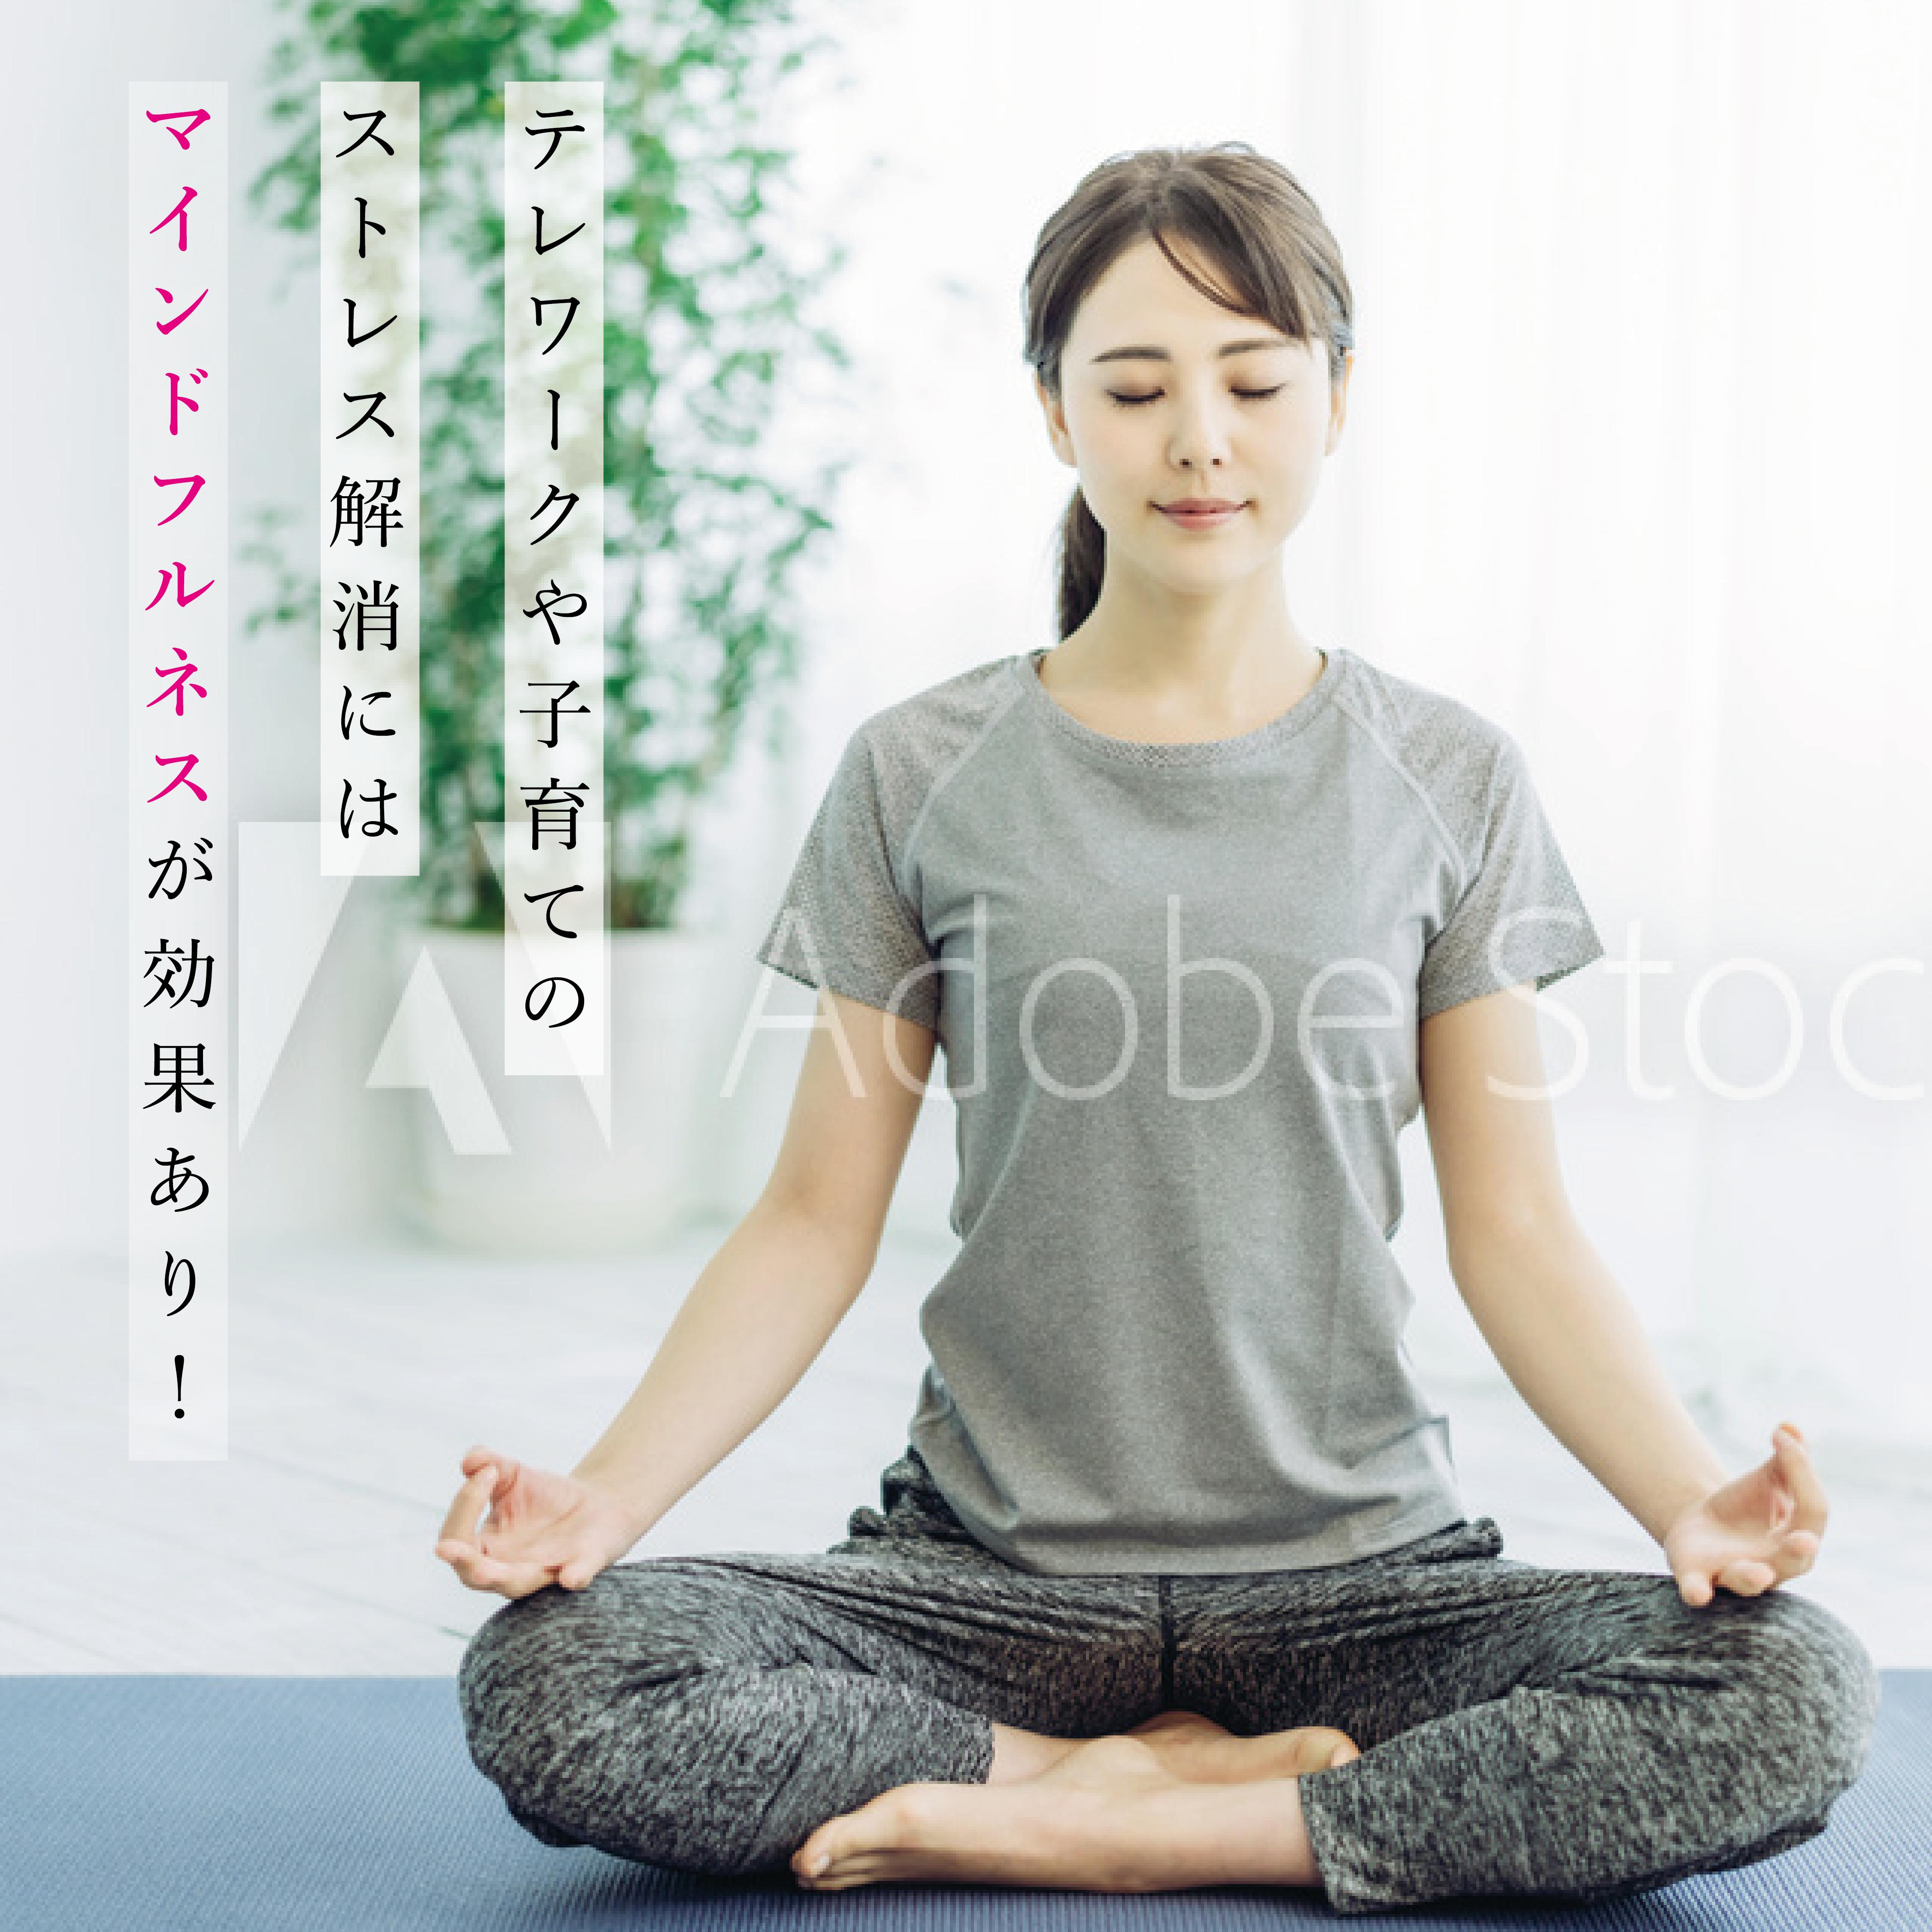 テレワークや子育てのストレス解消にはマインドフルネスが効果あり!   ホームページ制作 東大阪   デジタ...